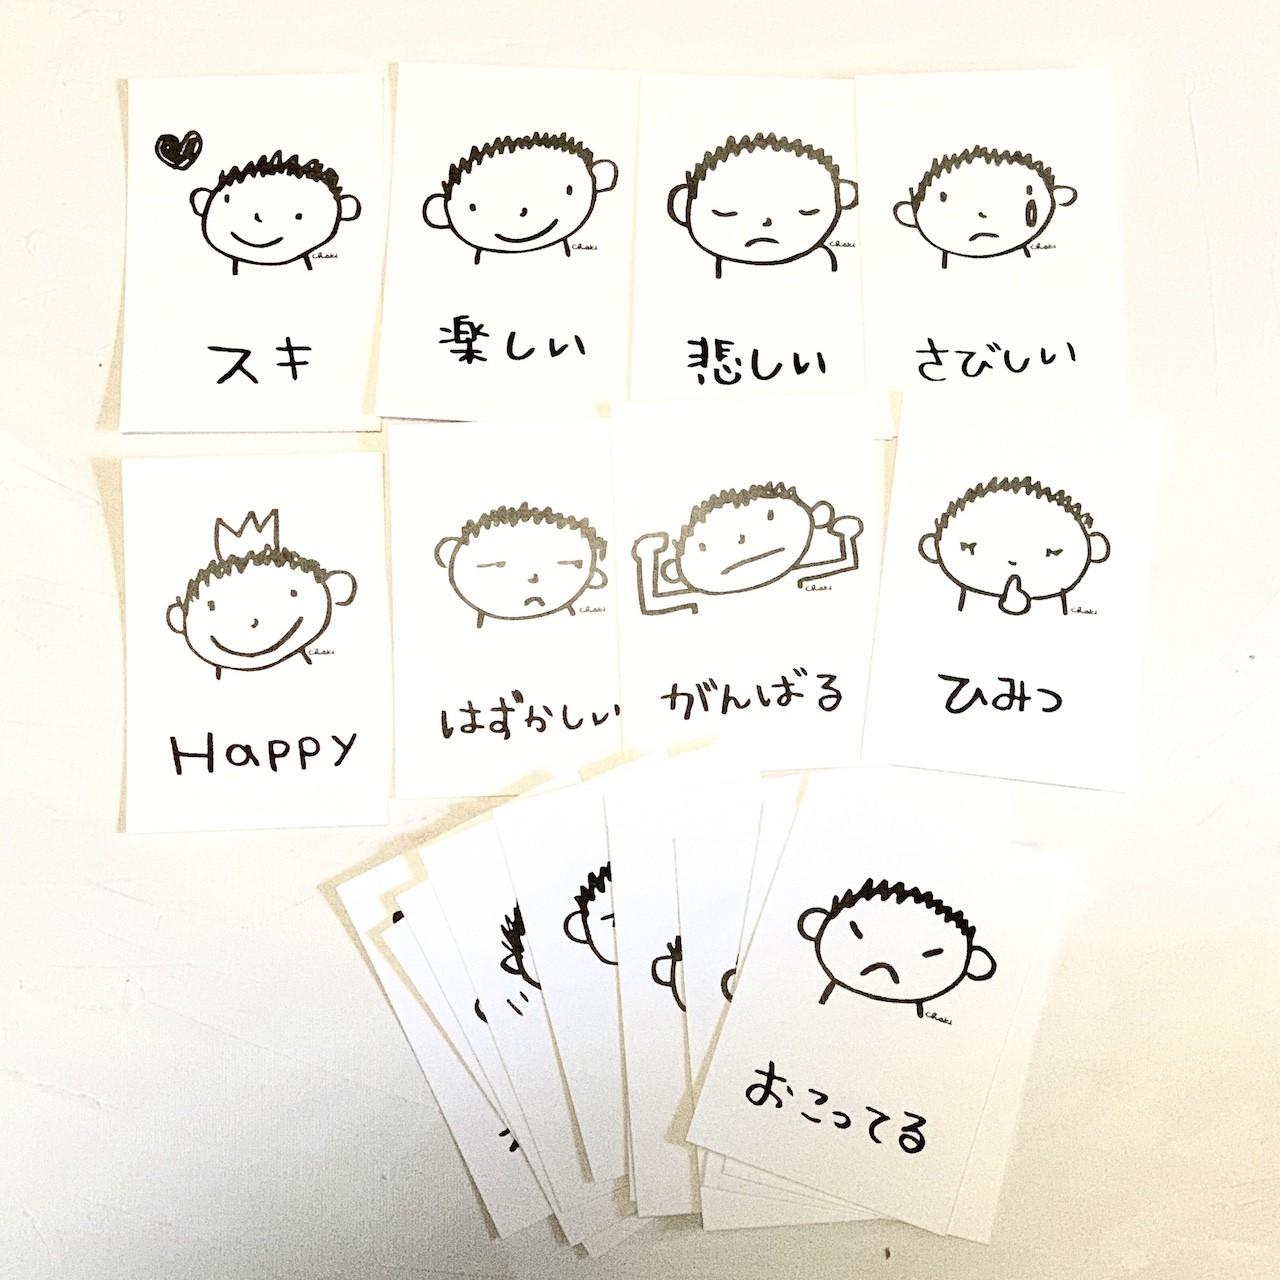 新商品  [デジタルコンテンツ] ハルのきもちいろいろカード_モノクロ版(20個の表情のイラスト)